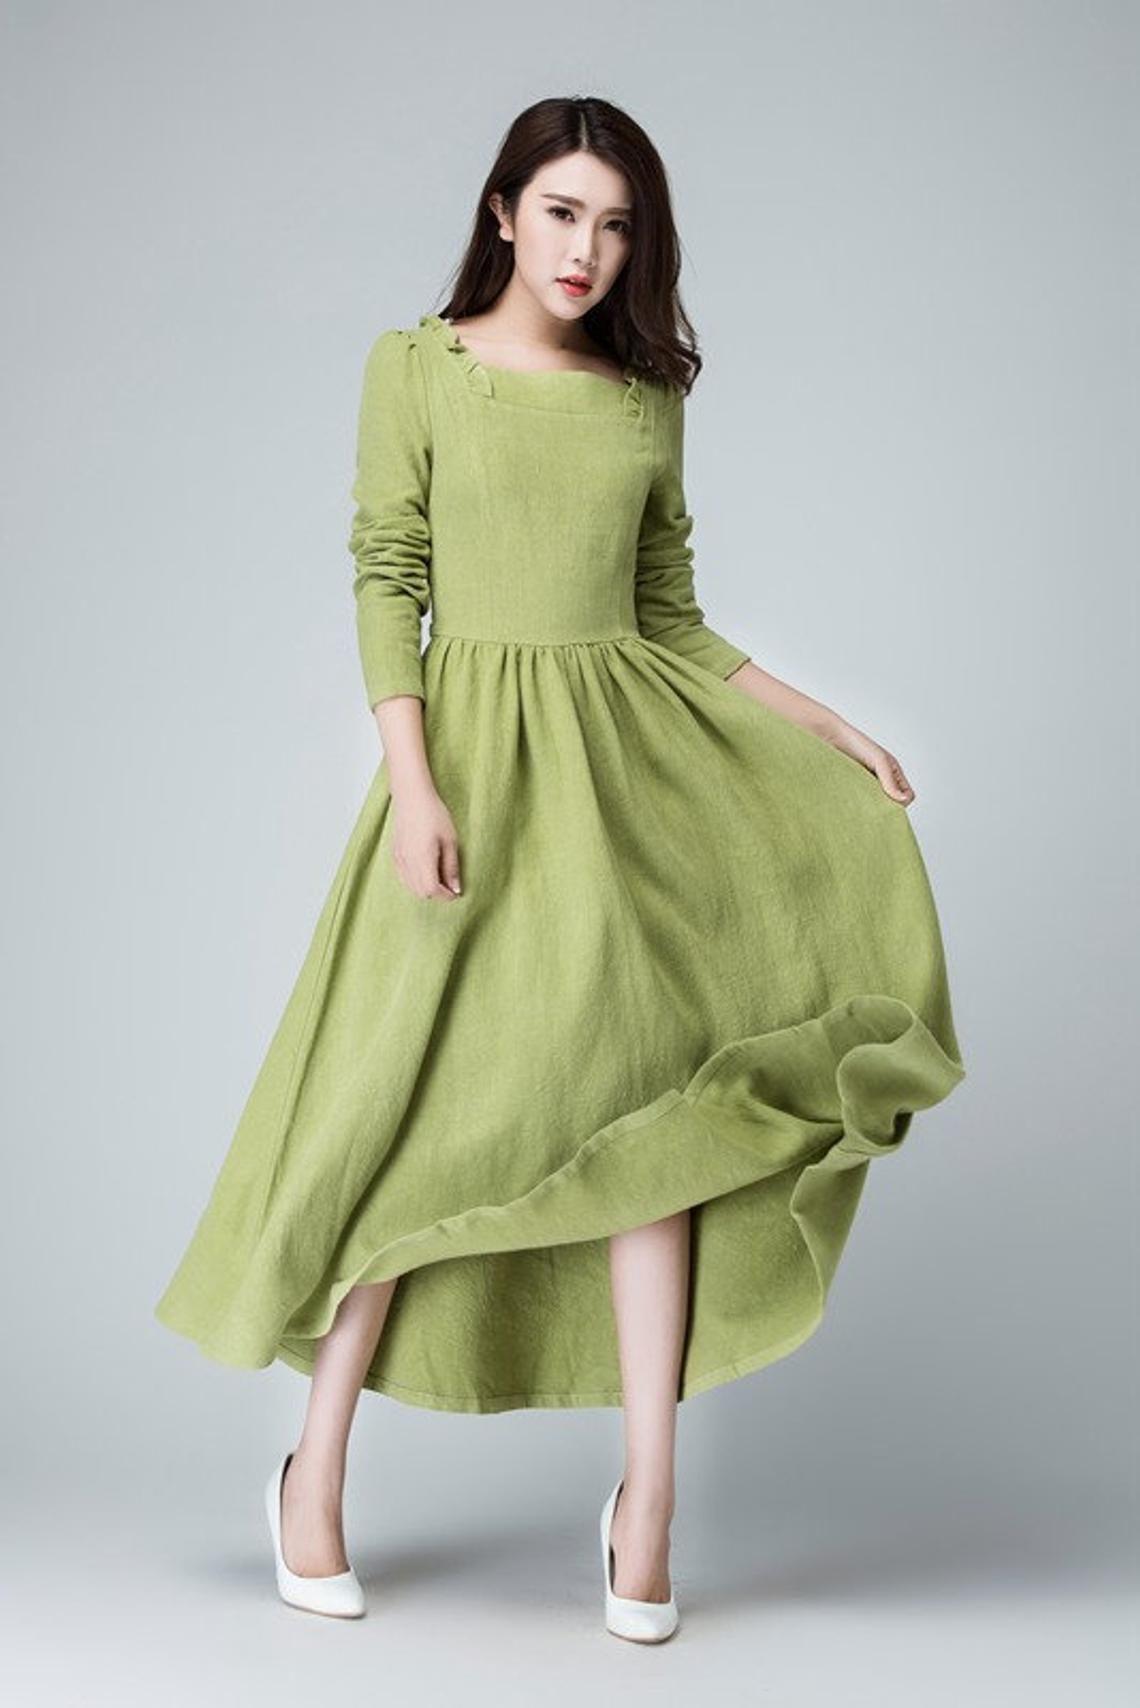 Sage green dress, linen maxi dress, long dress, ruffle dress, party dress, prom dress, spring dress, pleated dress, handmade dress 1475 #sagegreendress